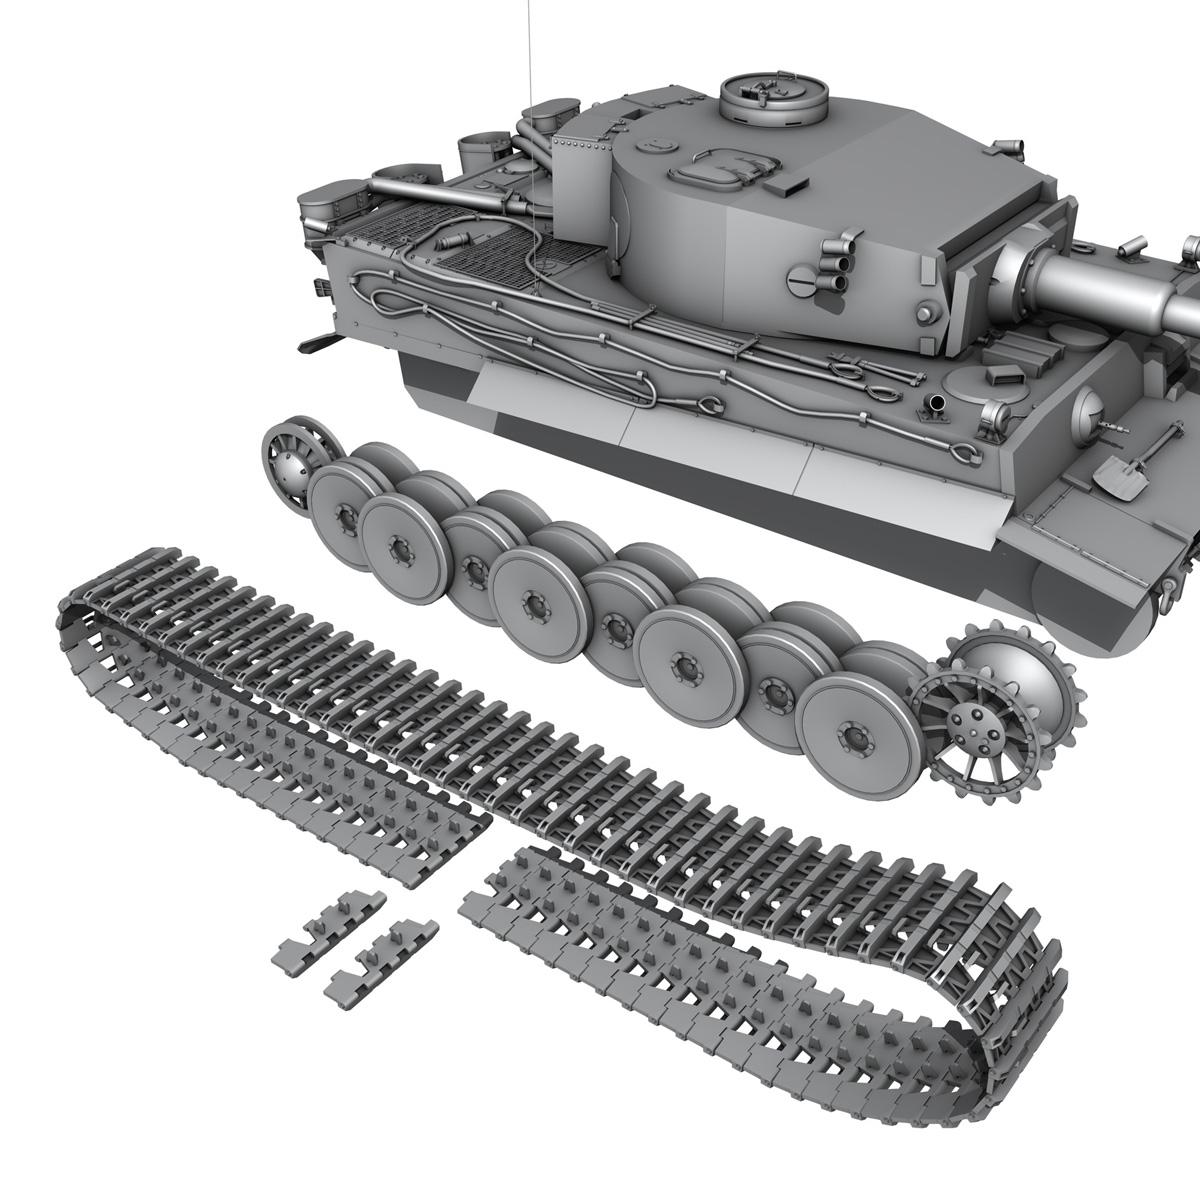 panzer vi – tiger – early production 3d model 3ds fbx c4d lwo obj 202266